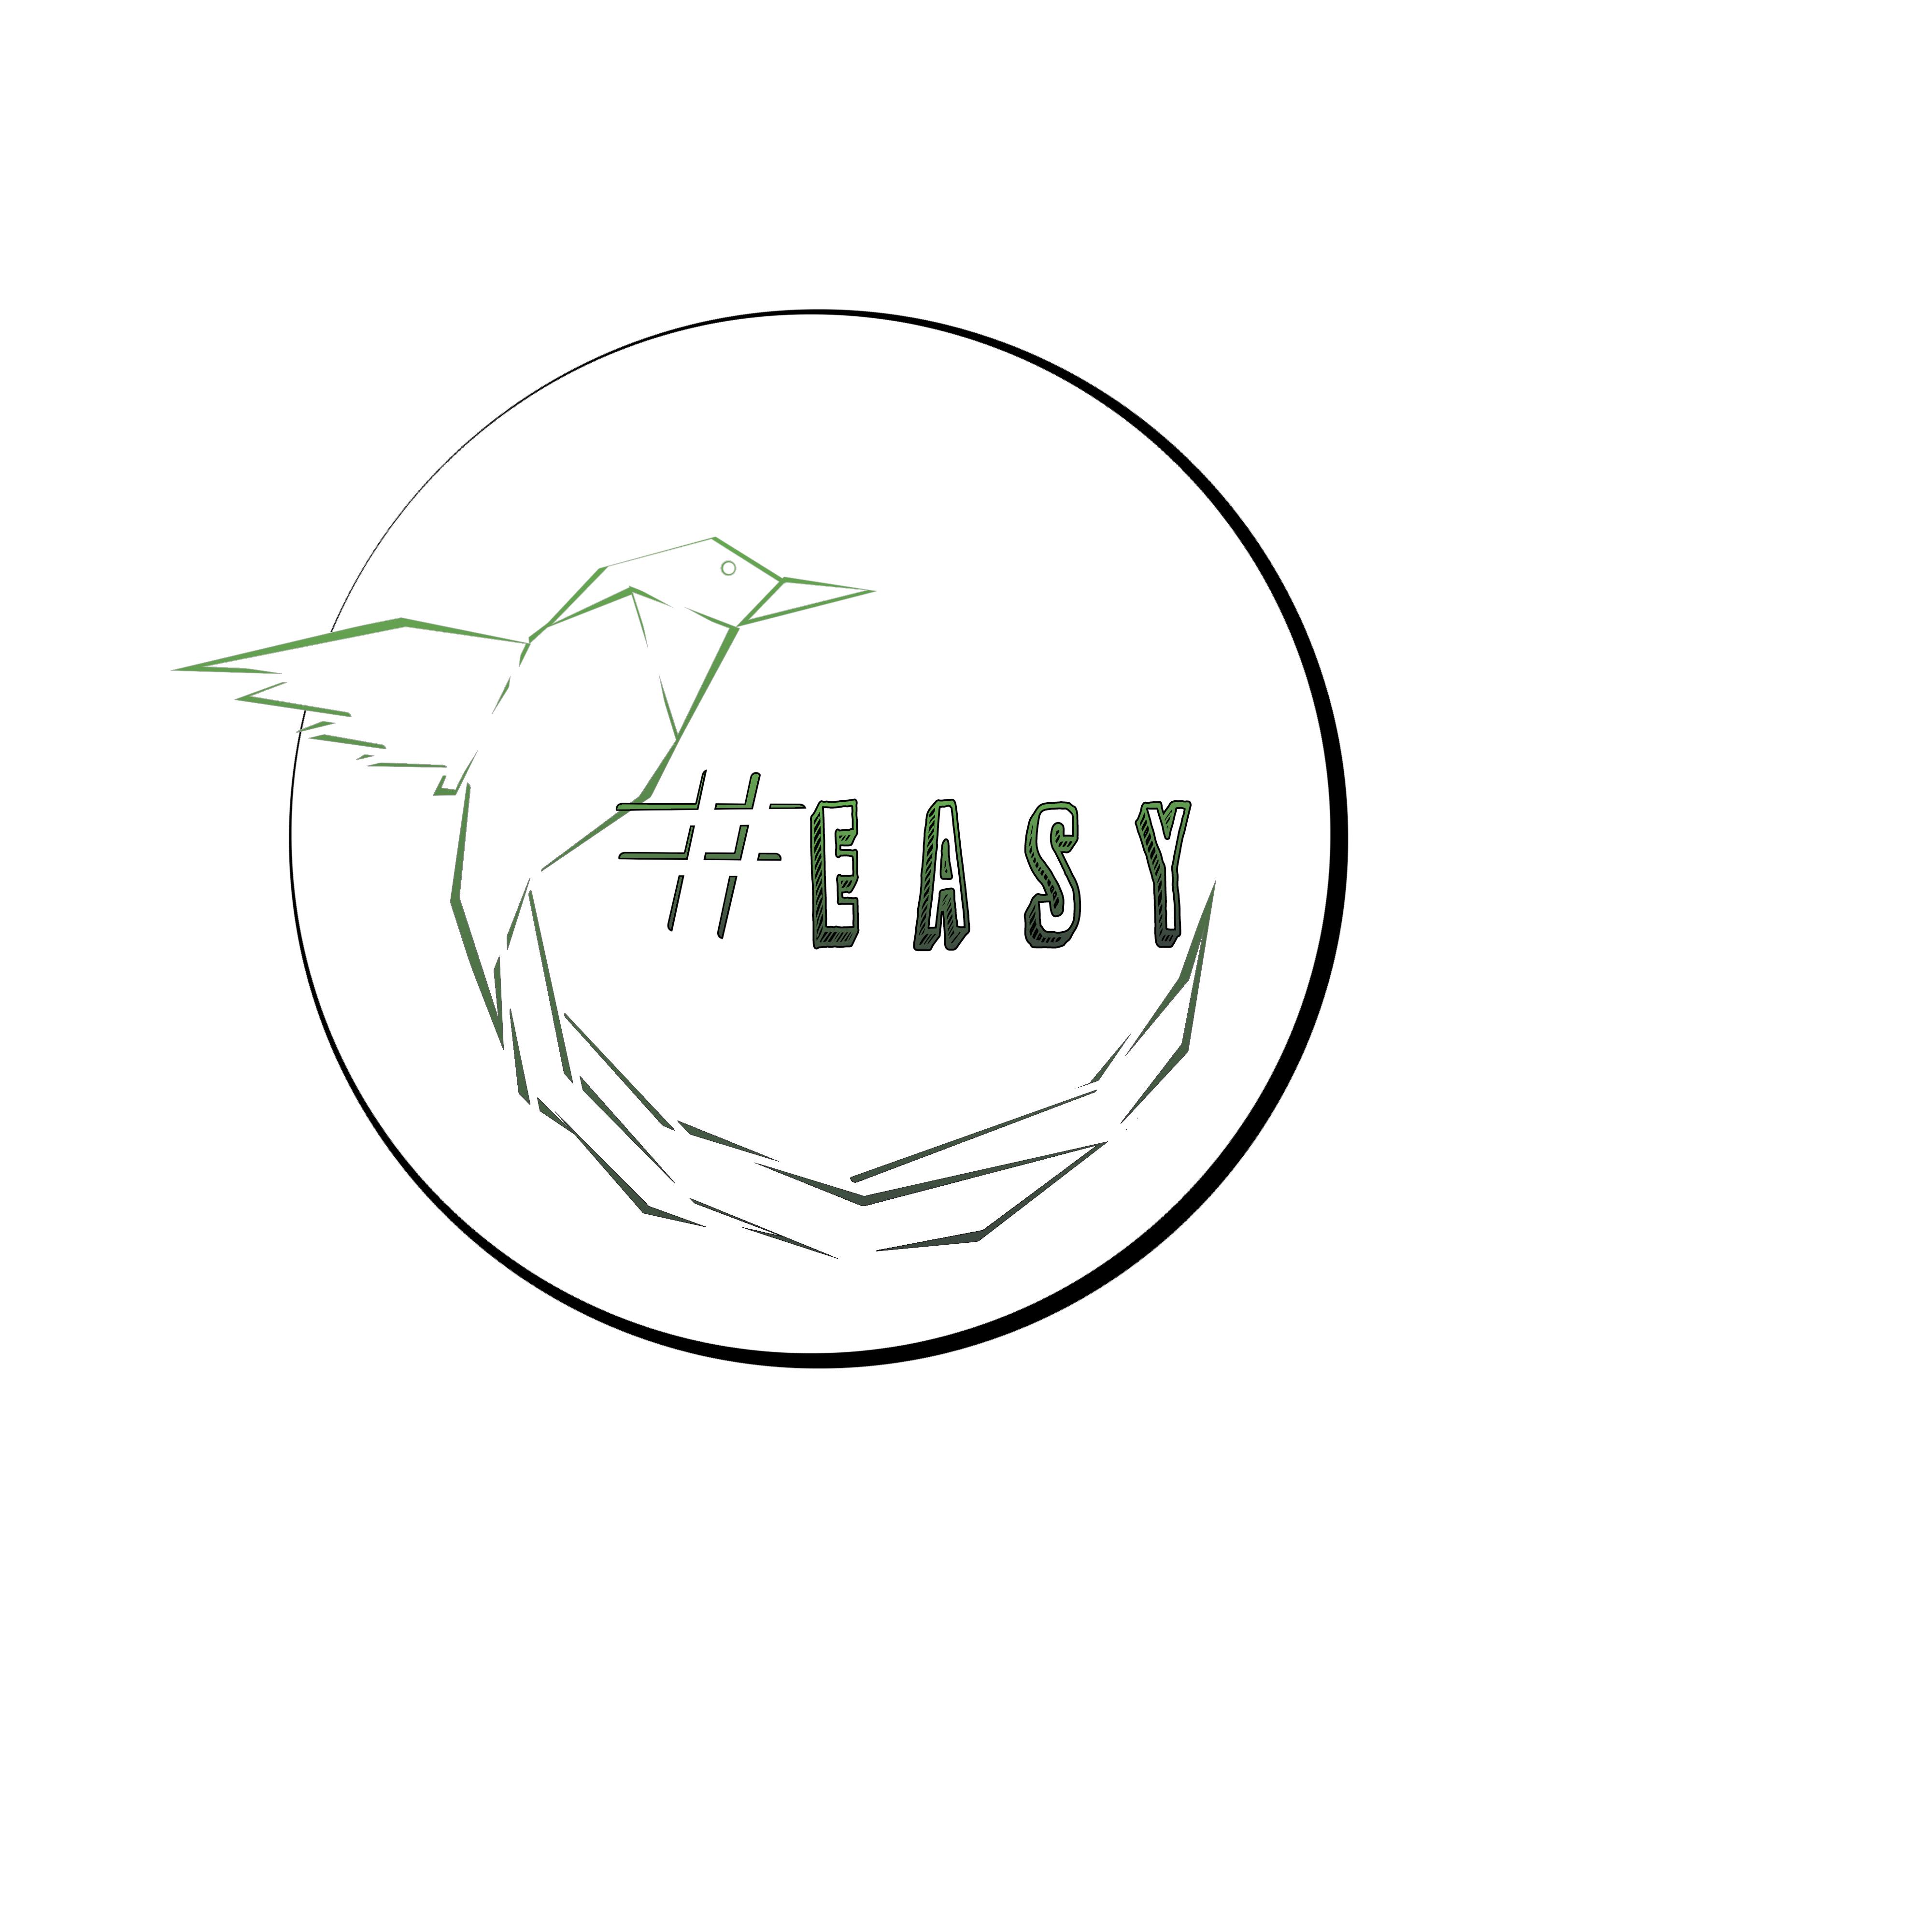 Разработка логотипа в виде хэштега #easy с зеленой колибри  фото f_7305d4e54b764f88.png